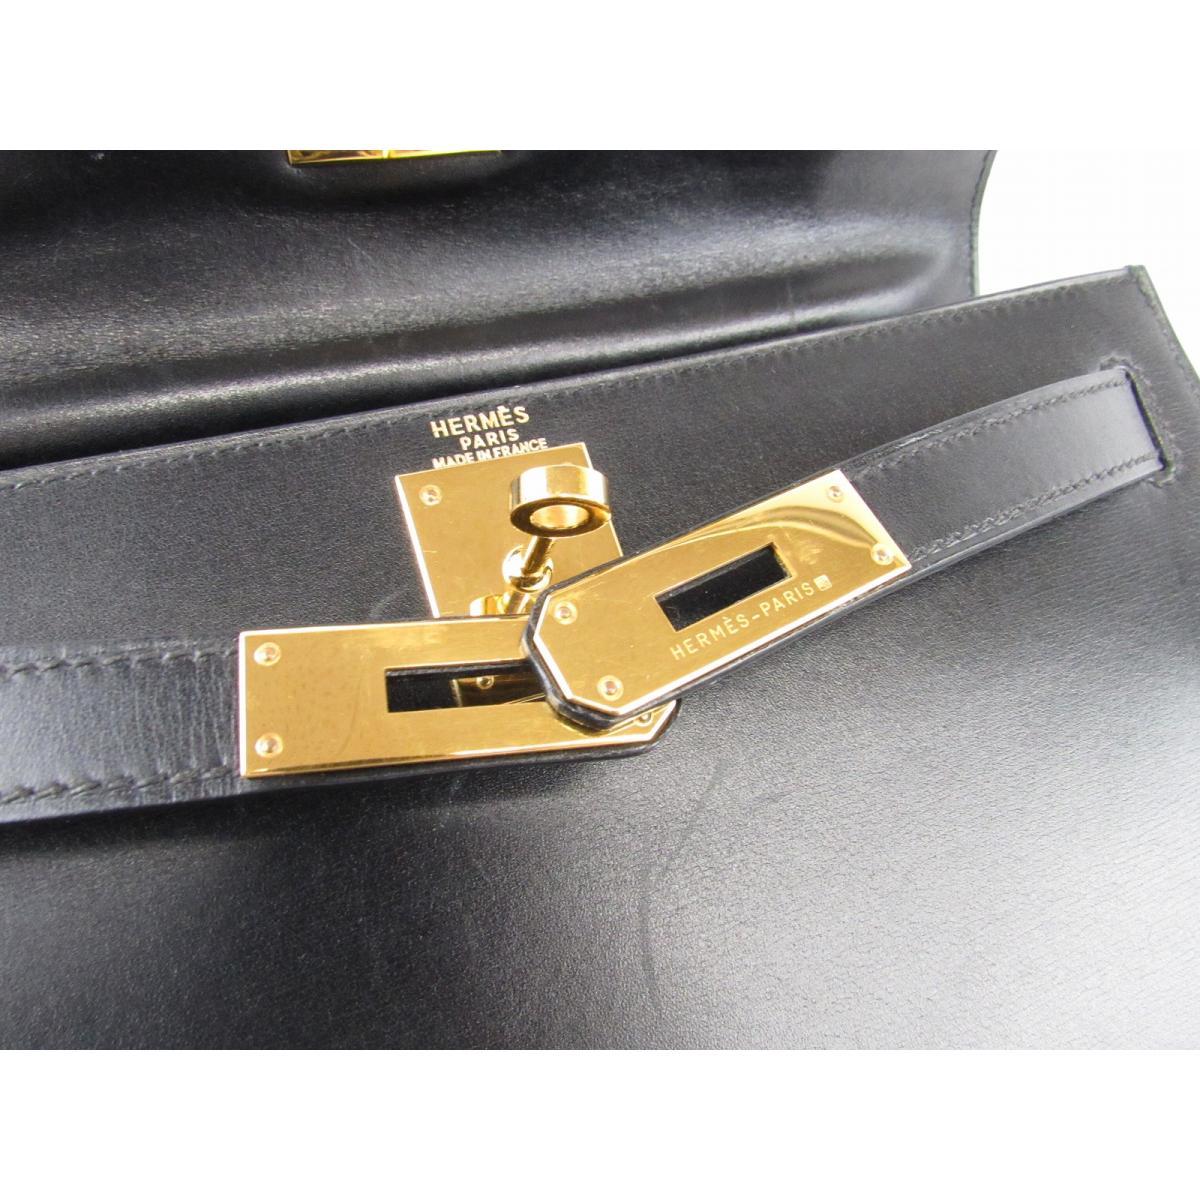 HERMES バッグ  ケリー28(外縫い)2wayハンドバッグ